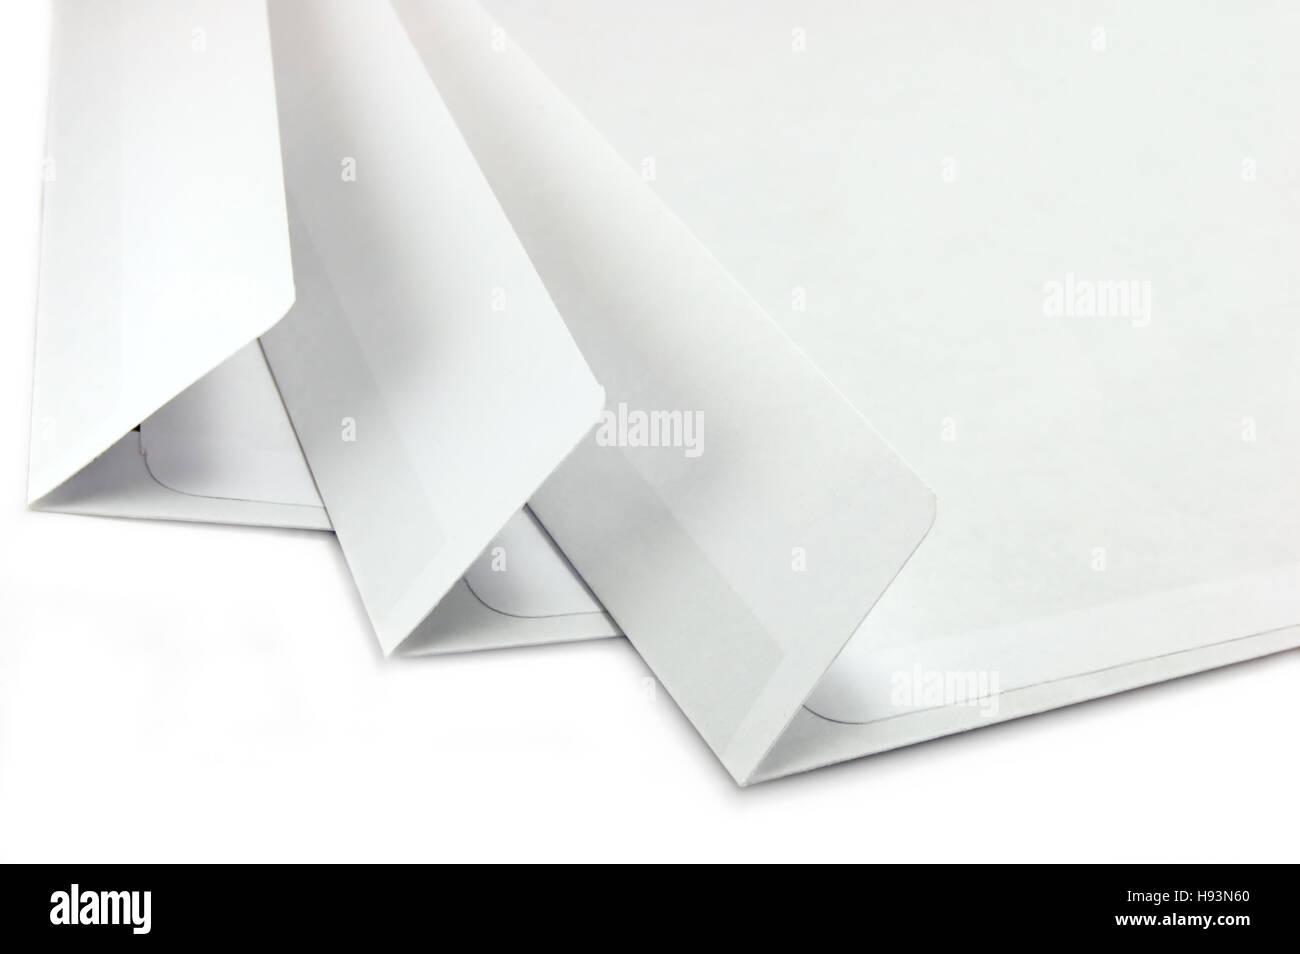 Offene Umschläge, isolierten großen detaillierte Makro Nahaufnahme Stockbild